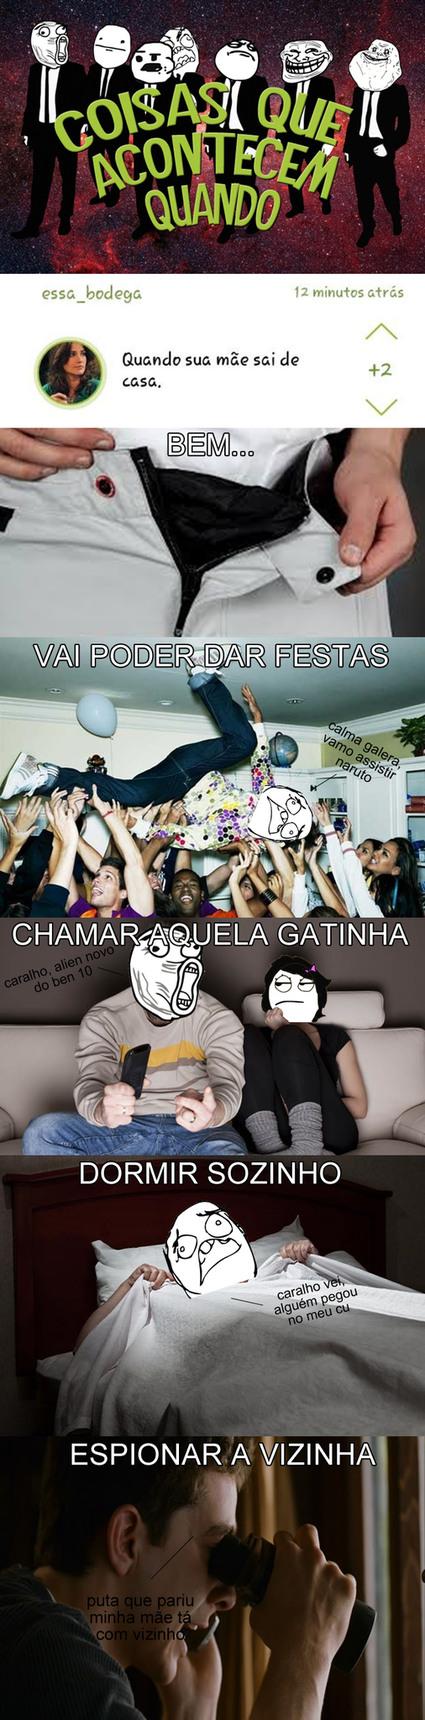 ANDAR PELADO PELA CASA - meme